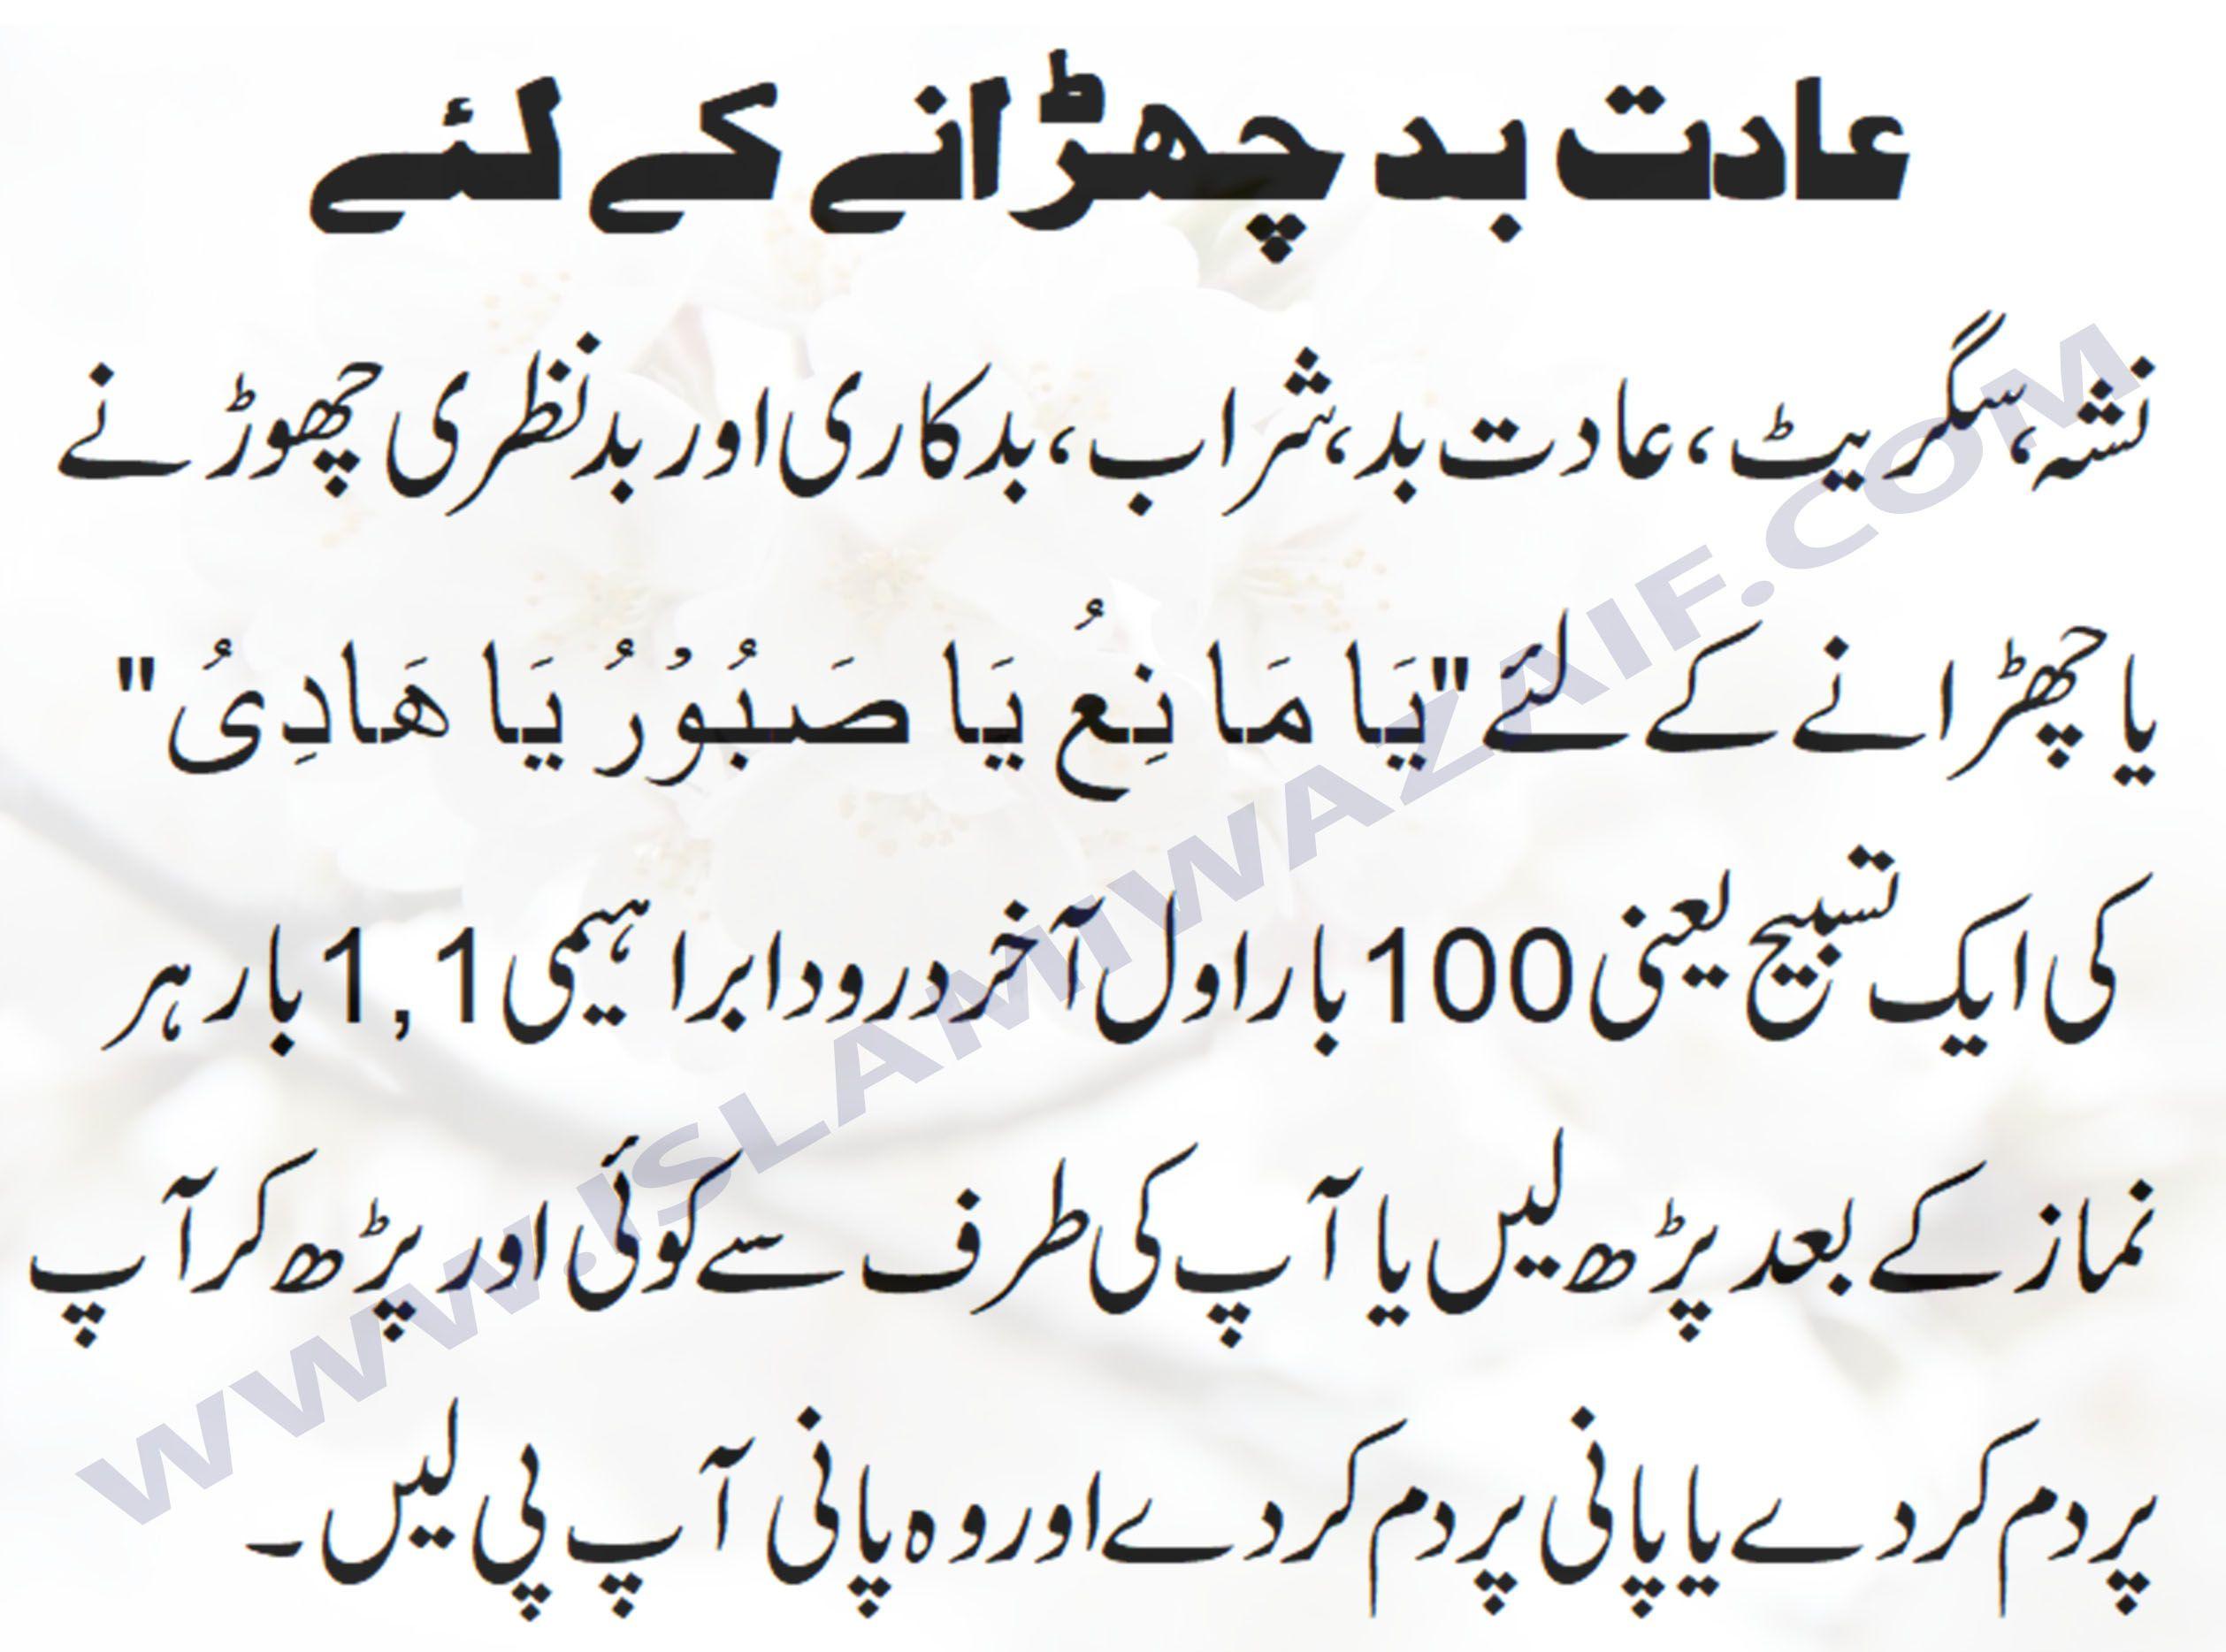 Buri Aadat Churany Ka Wazifa Beauty Tips In Urdu Prayer Verses Health And Beauty Tips